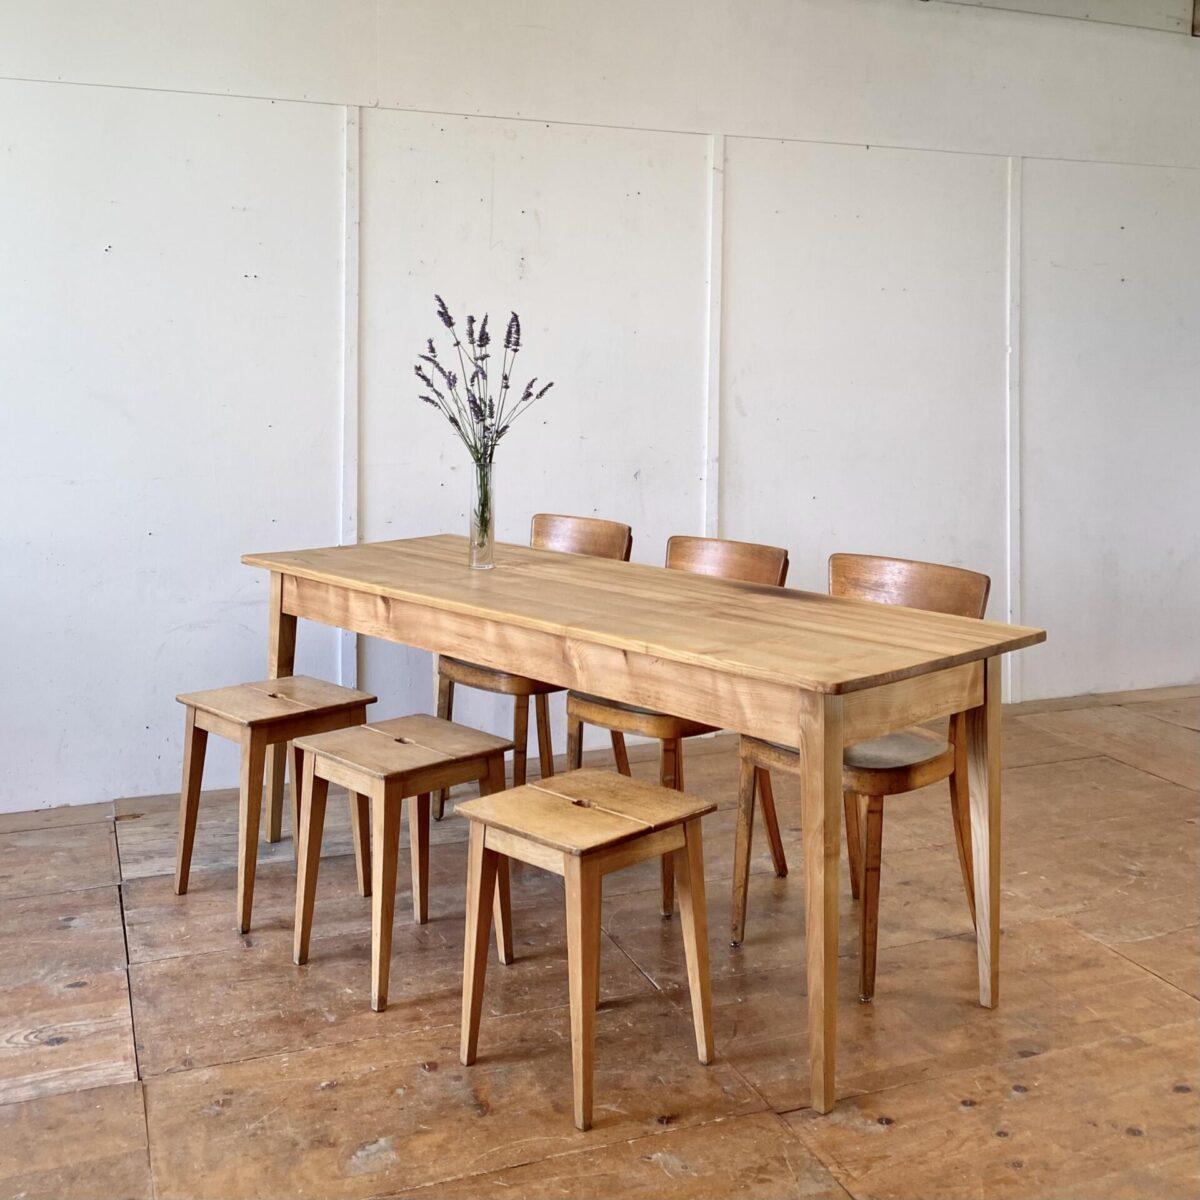 Deuxieme.shop alter Holztisch. Schlichter Biedermeiertisch aus Eschenholz. 200x70cm Höhe 75.5cm. Der Tisch ist überarbeitet und stabil, die Holzoberflächen sind mit Naturöl behandelt. Es finden bis zu 8 Personen daran Platz.